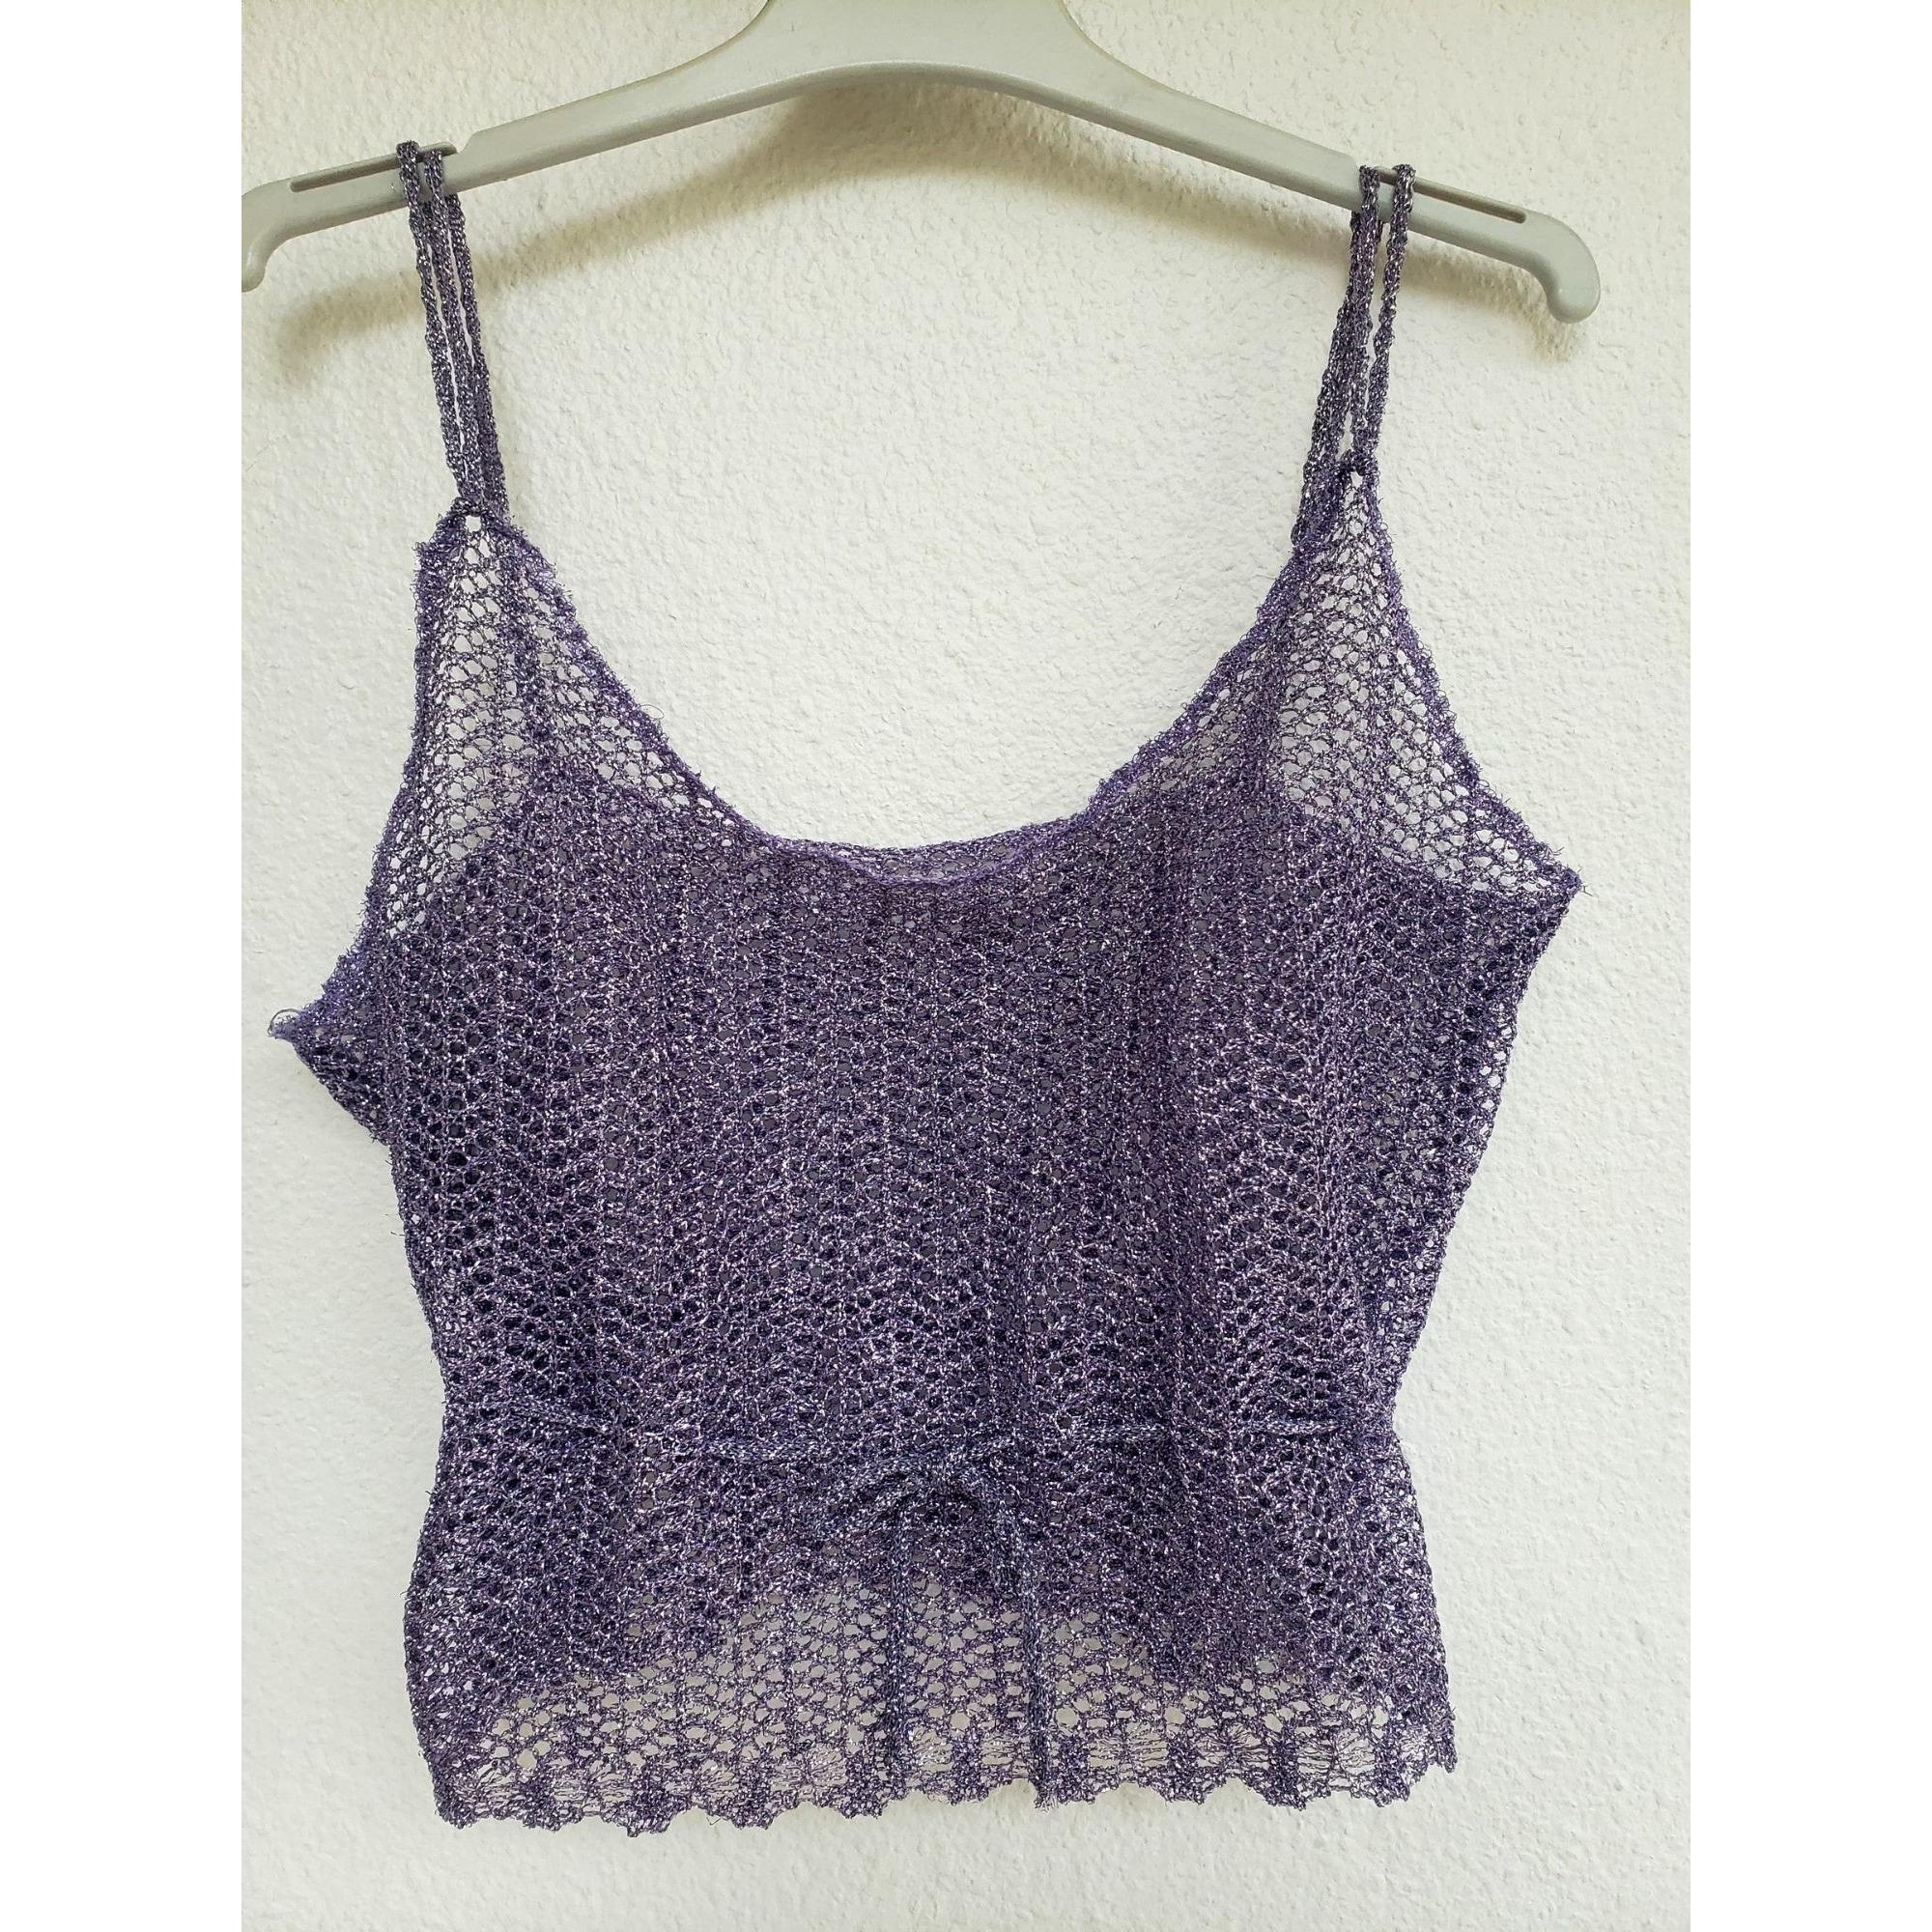 Top, tee-shirt MARQUE INCONNUE Violet, mauve, lavande